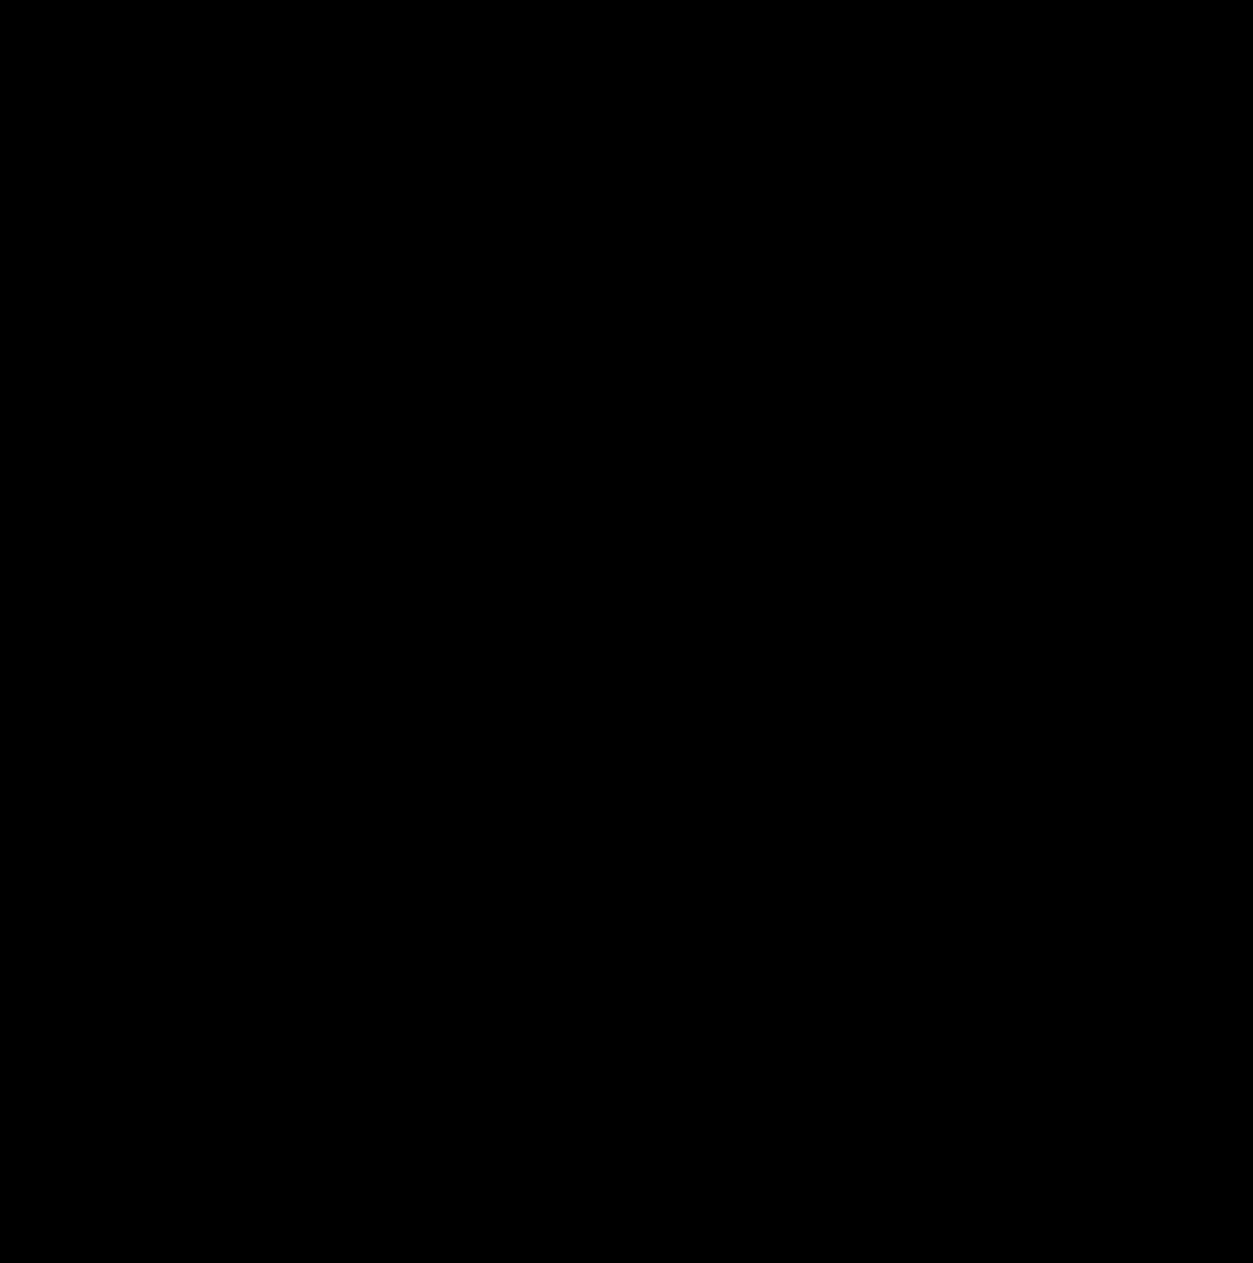 fae-loop